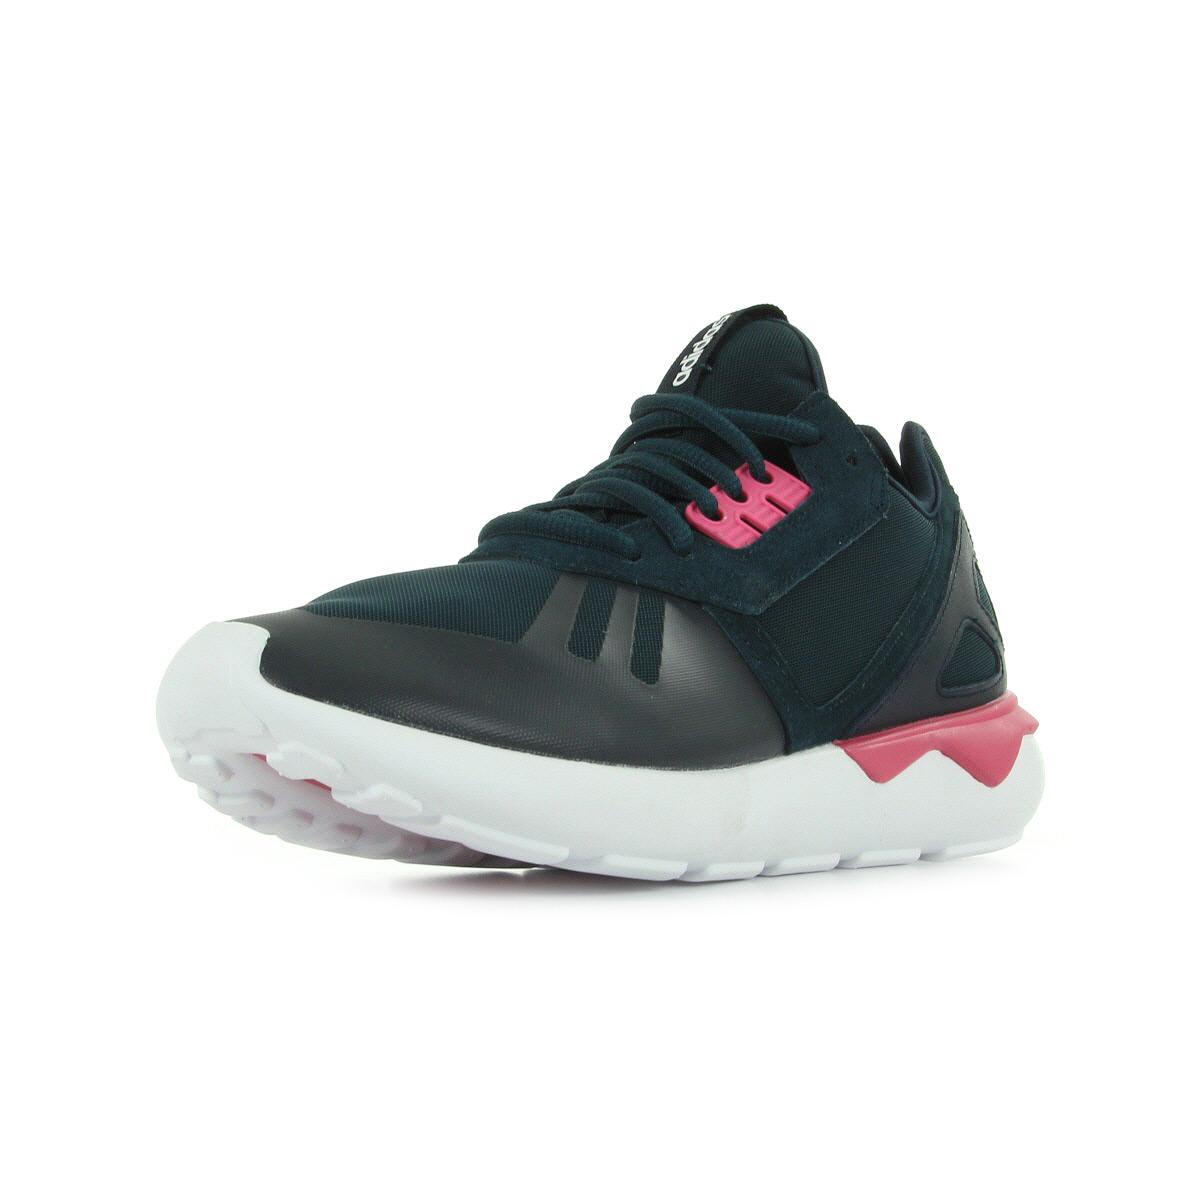 De Chaussures Adidas X Qwqytog Camille Tableau Cadeaux Liste Top ZWfB01a